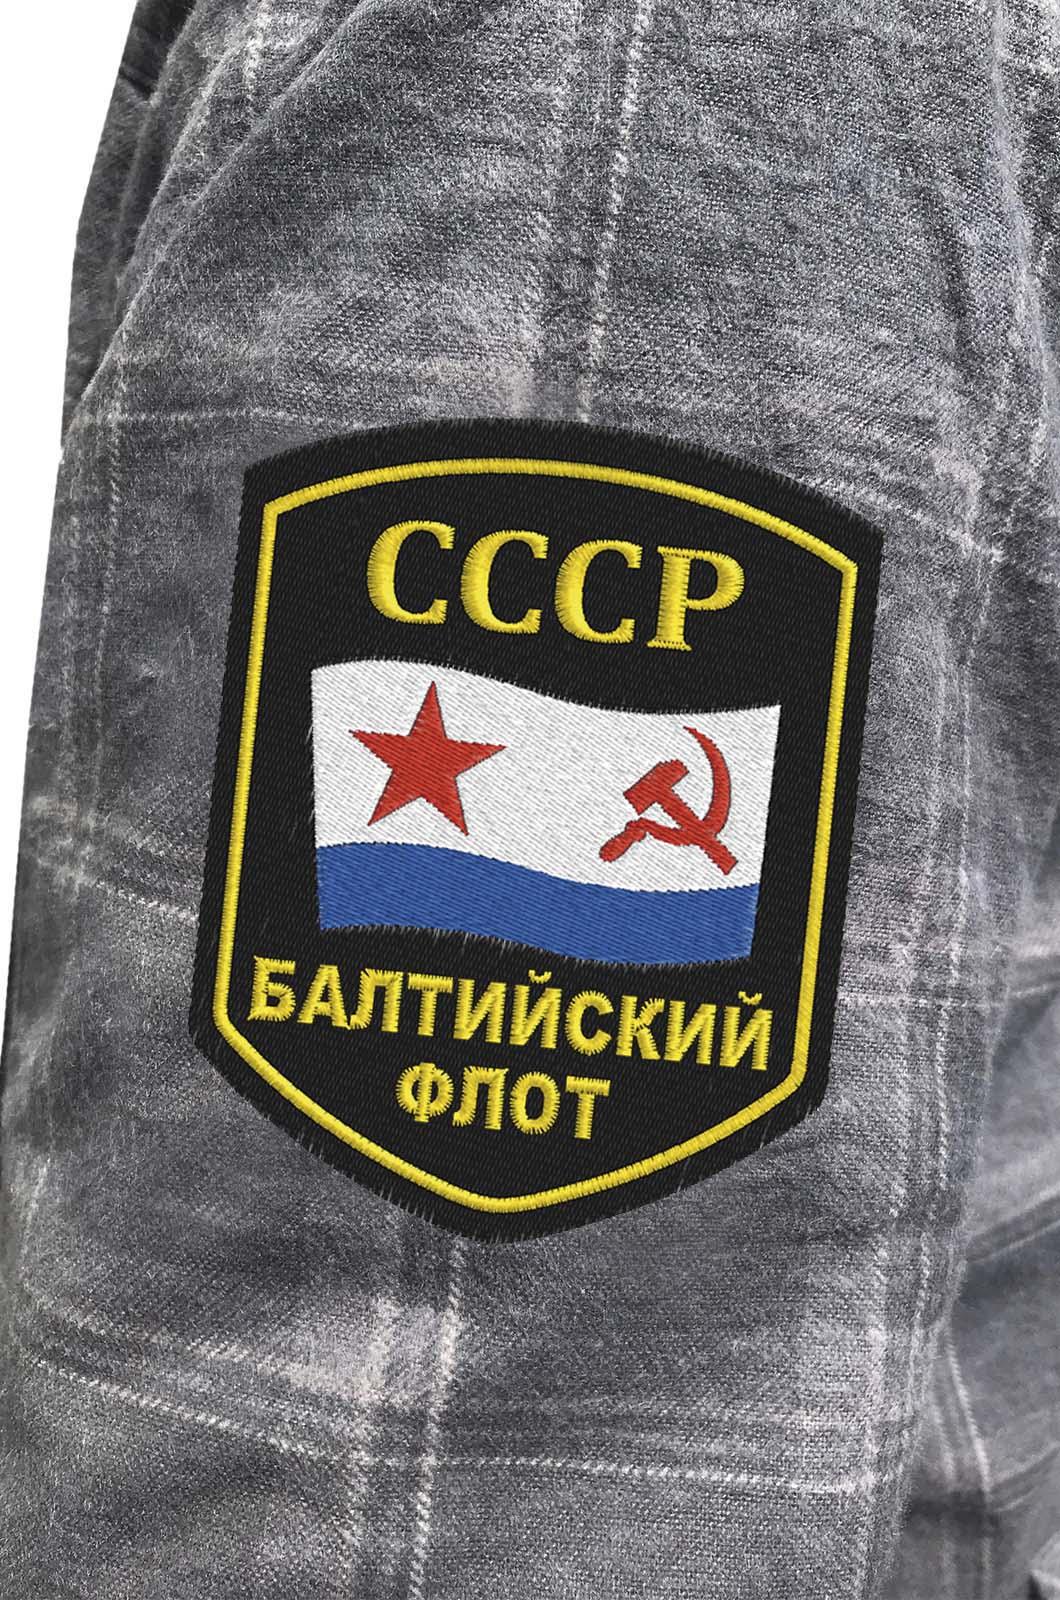 Теплая рубашка в клетку для мужчин с нашивкой Балтийский флот купить выгодно